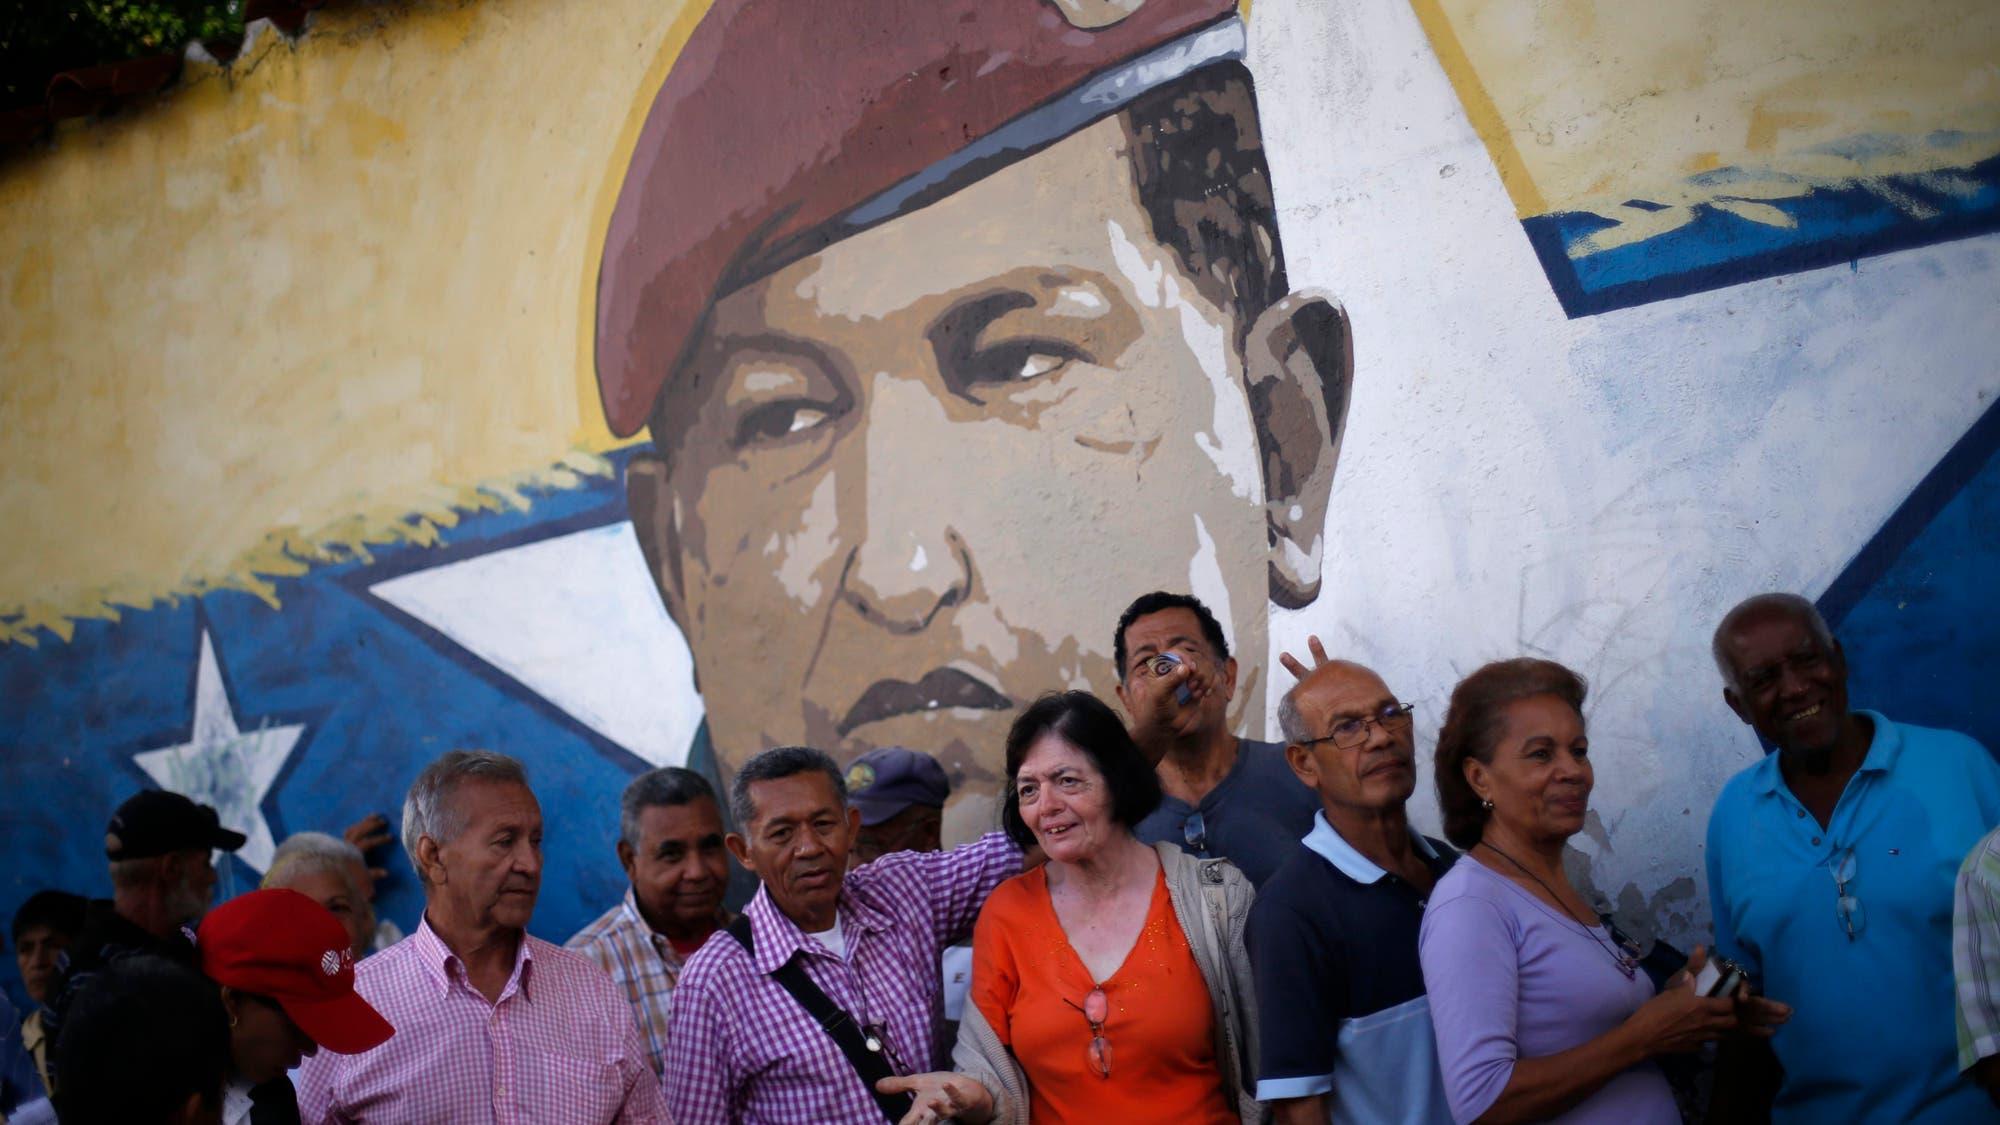 La Asamblea Constituyente en Venezuela logró tantos votos como Hugo Chávez